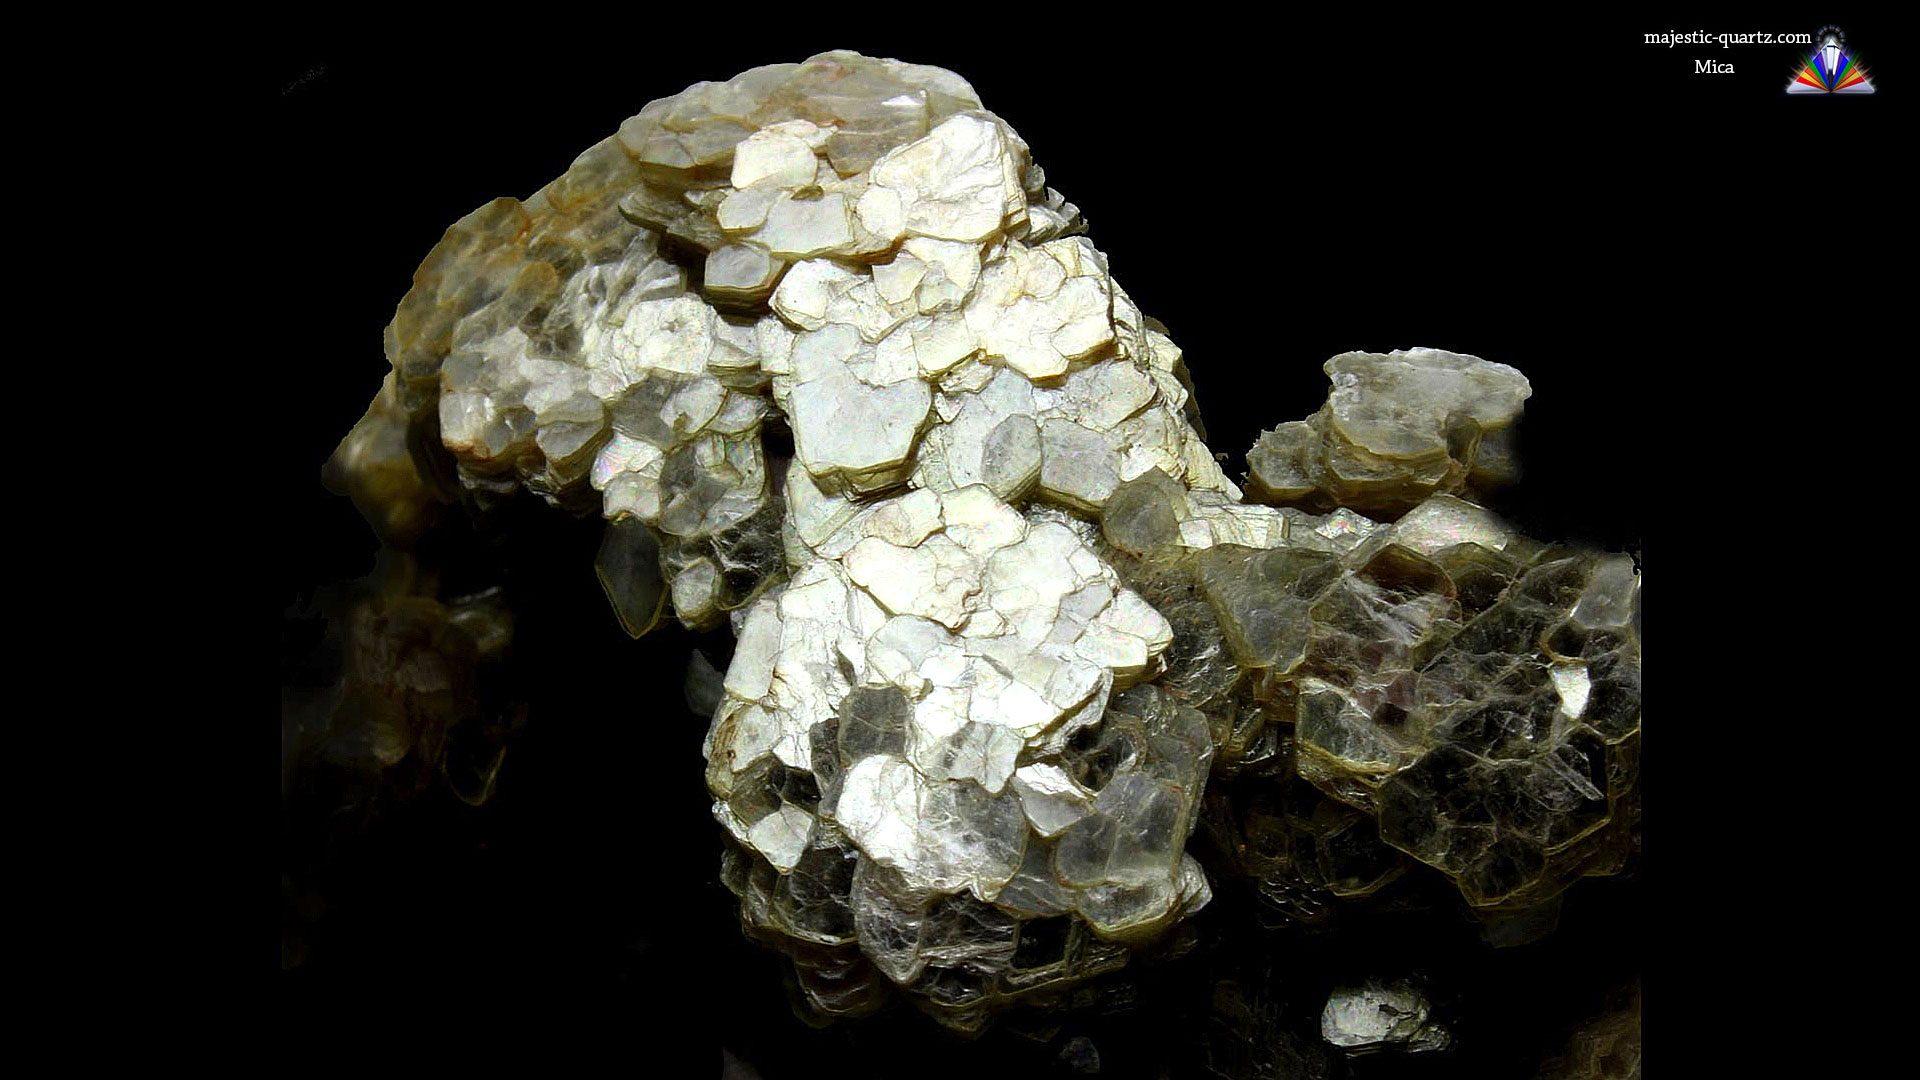 Mica Crystal Specimen - Mineral Specimen